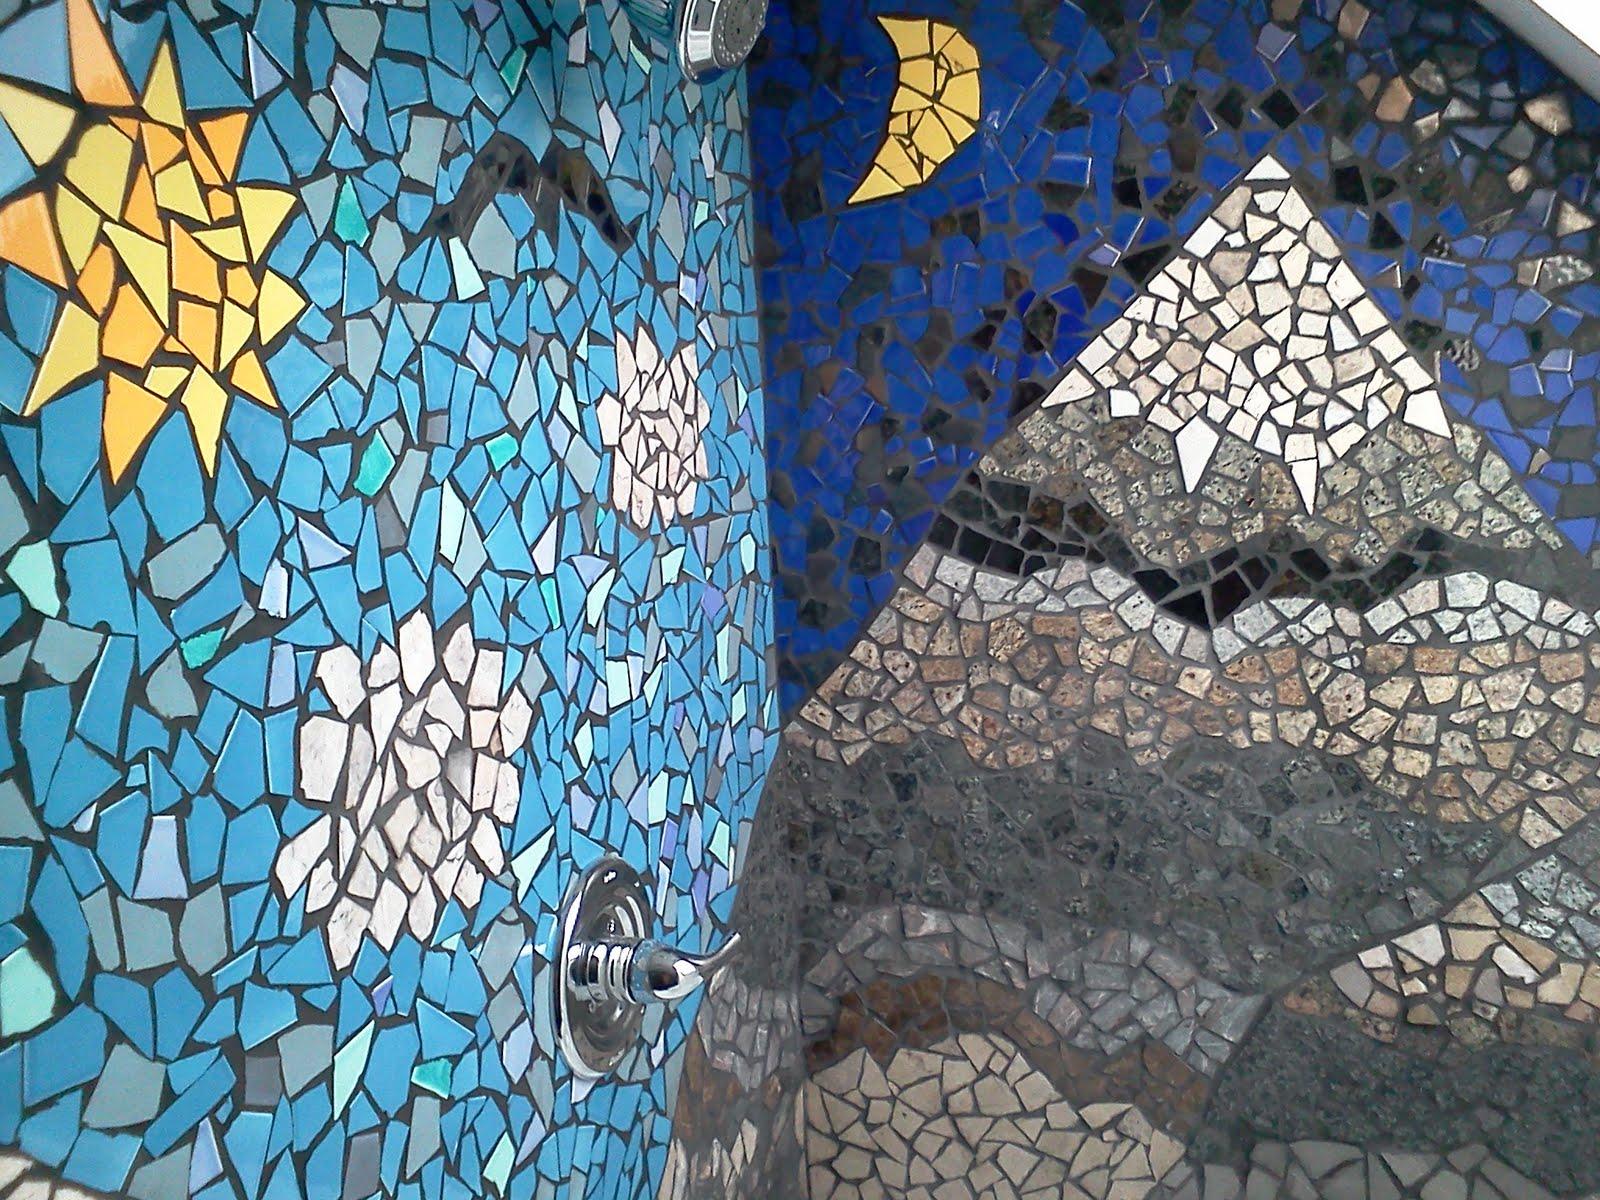 Ceramic tile mosaic patterns